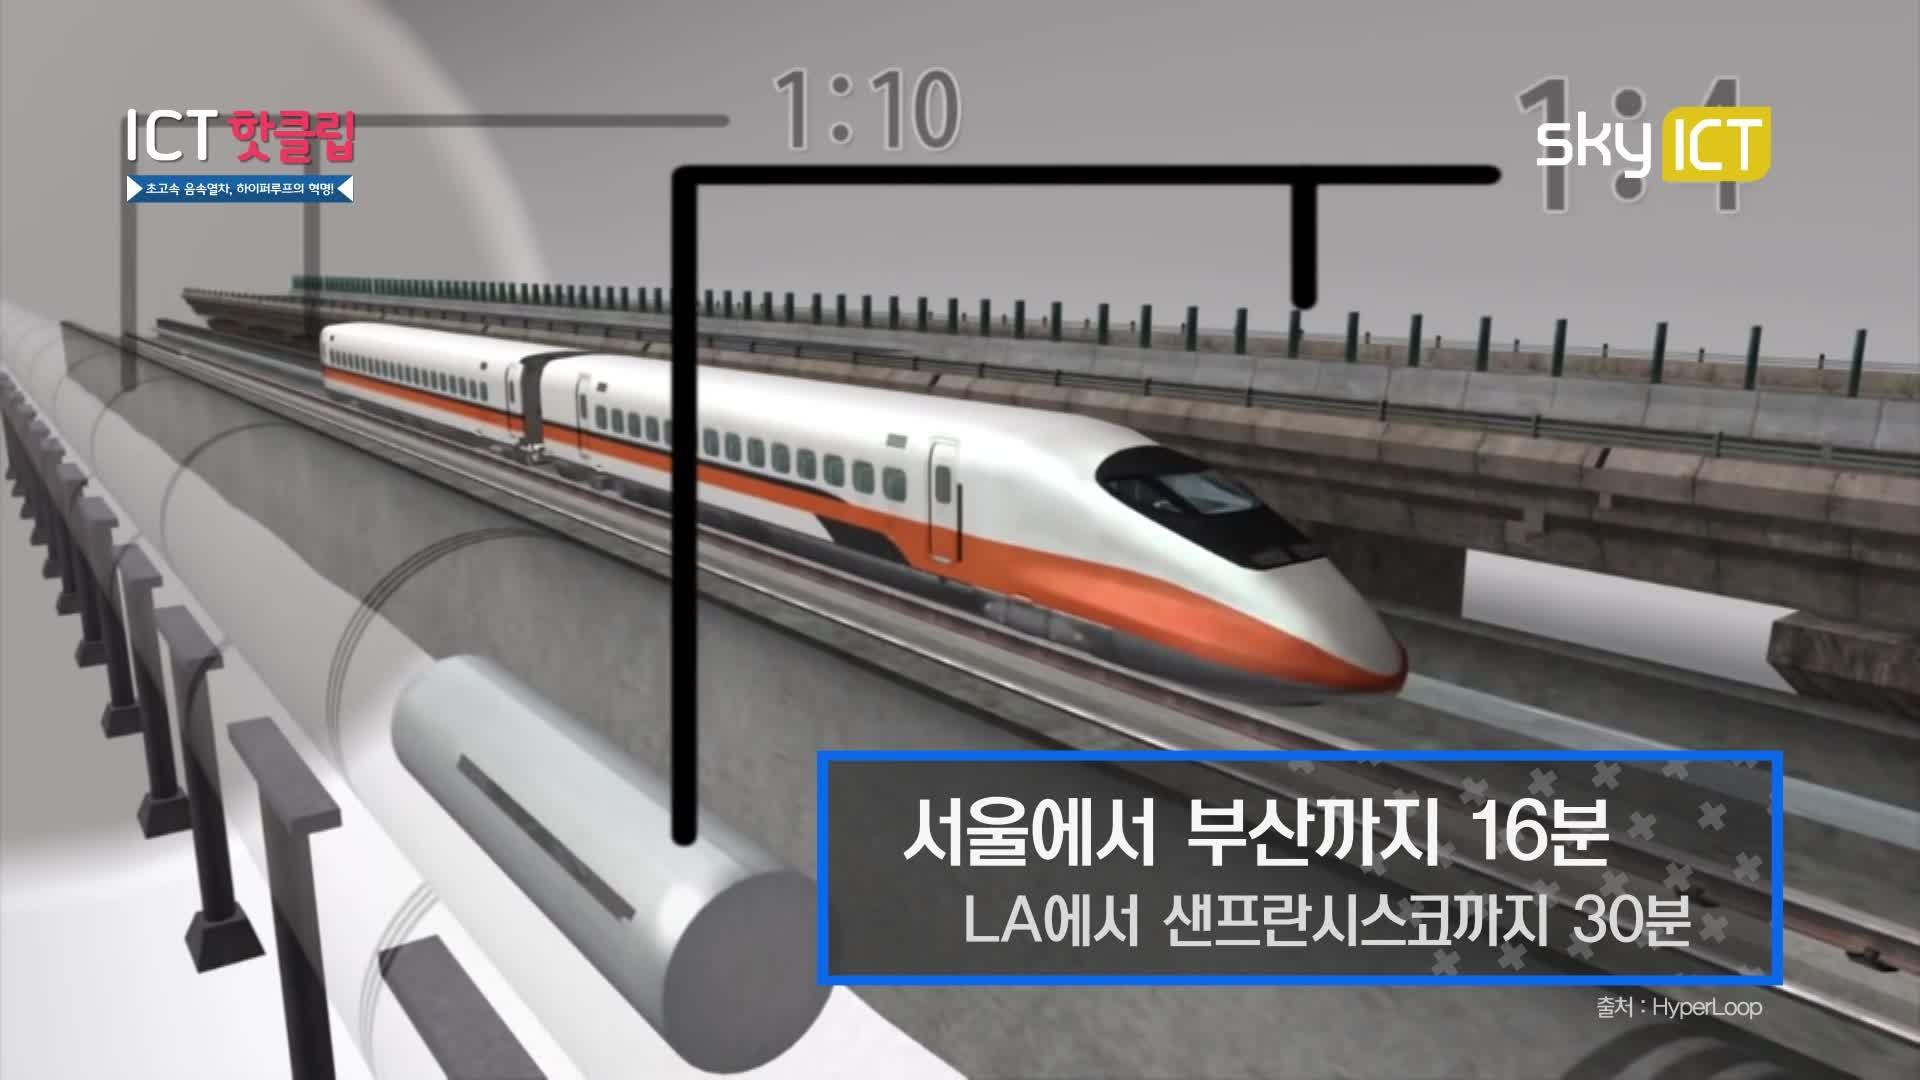 초고속운송열차, 하이퍼루프의 혁명!_ICT 핫클립